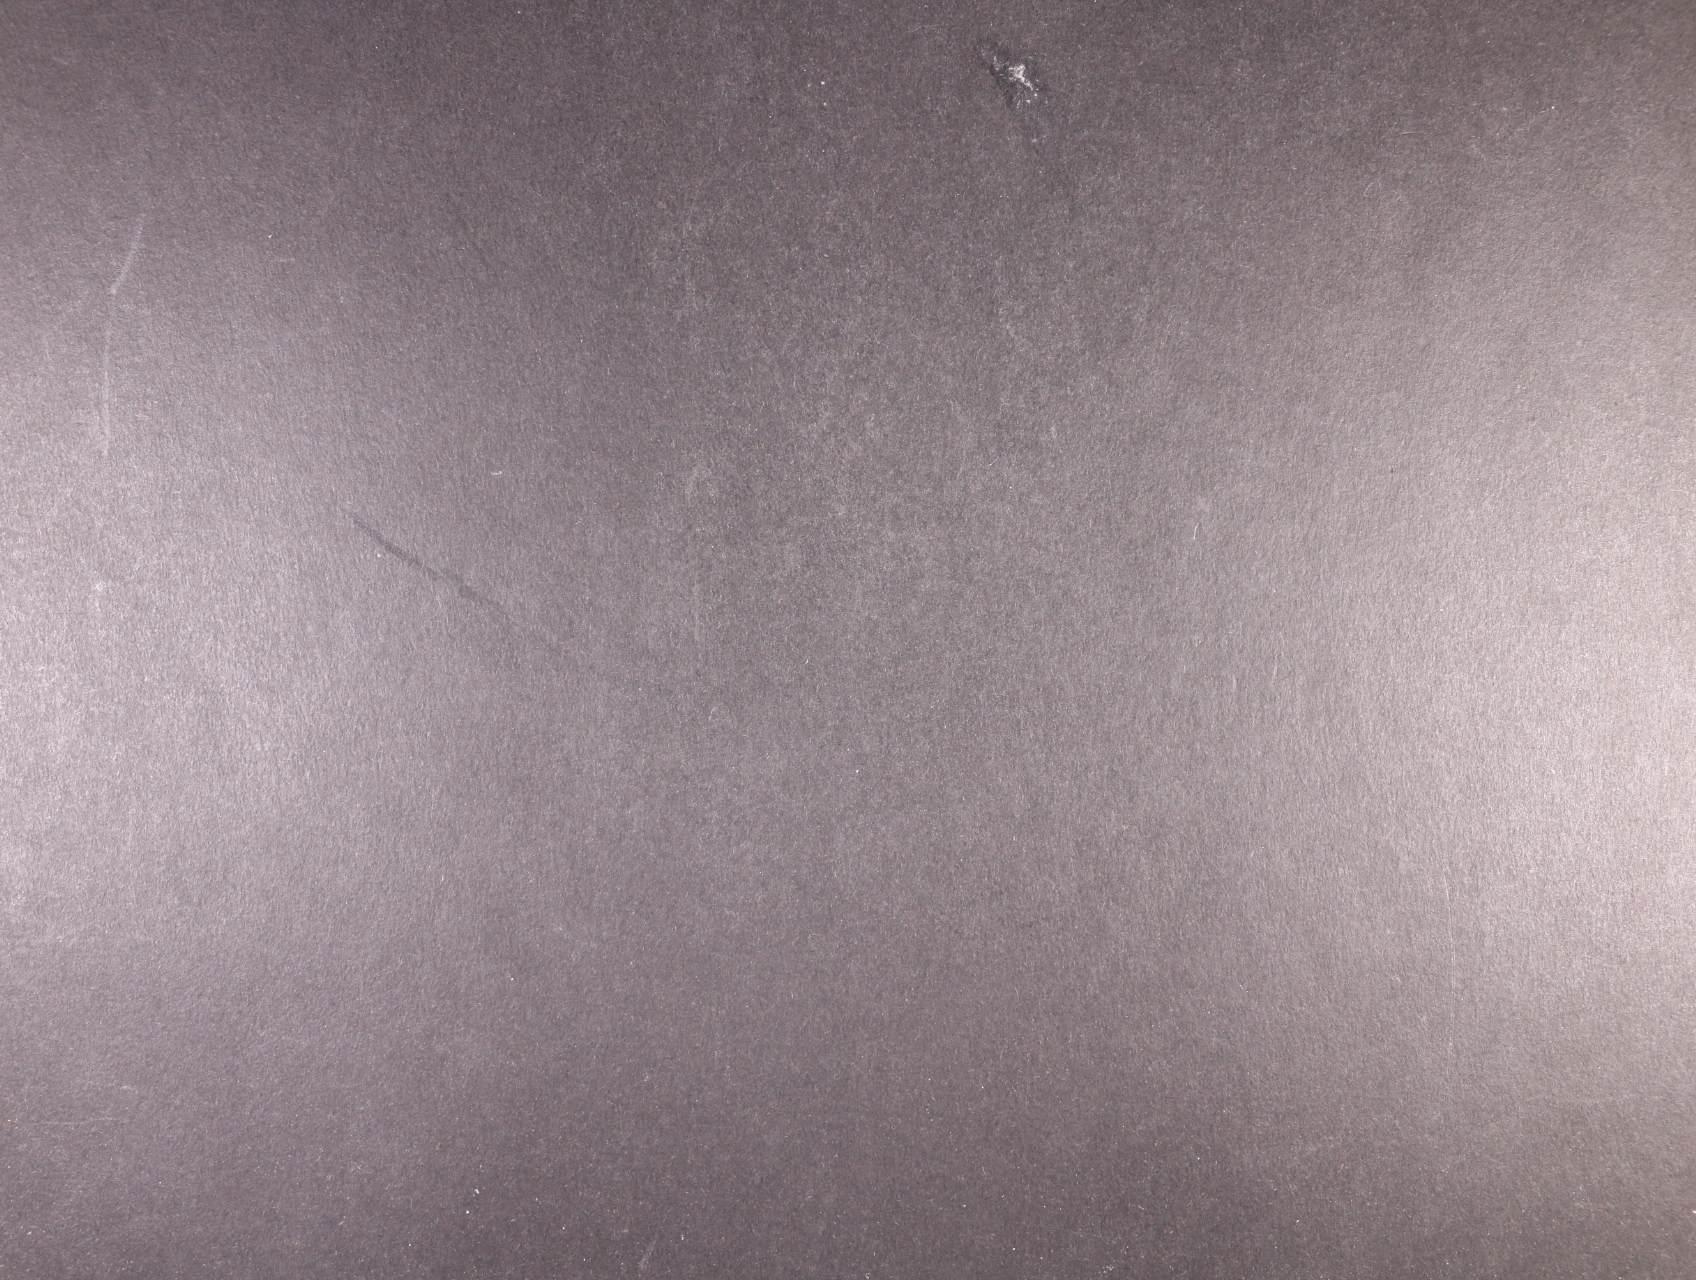 ČSR I, ČSR II - nekompl. sbírka zn., aršíků, kuponů, typů, PL, z let 1918 - 1992, obsahuje mj. zn. L 1 - L 16, aršík k výstavě LONDÝN 1943, kupony Vojtěch, Lidice, pětiletka, A PRAGA 50, BRATISLAVA 52, PRAGA 55, prádlo, uloženo ve 12ti zásobnících, kat. cena cca 14000 Kč